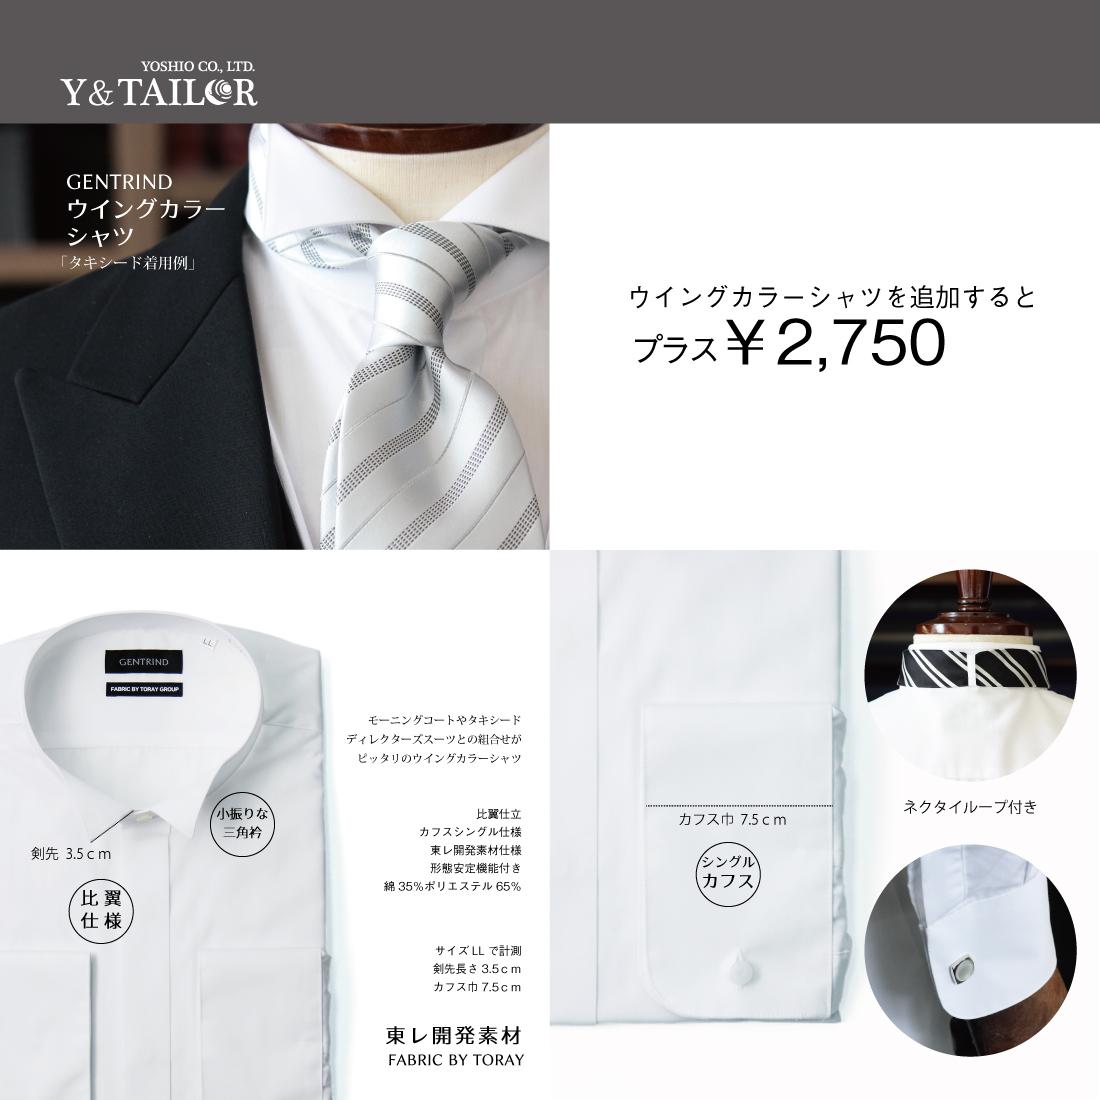 選べる 父親 モーニングセット サスペンダー チーフ カフス 手袋 に必要な物だけプラス 【S】